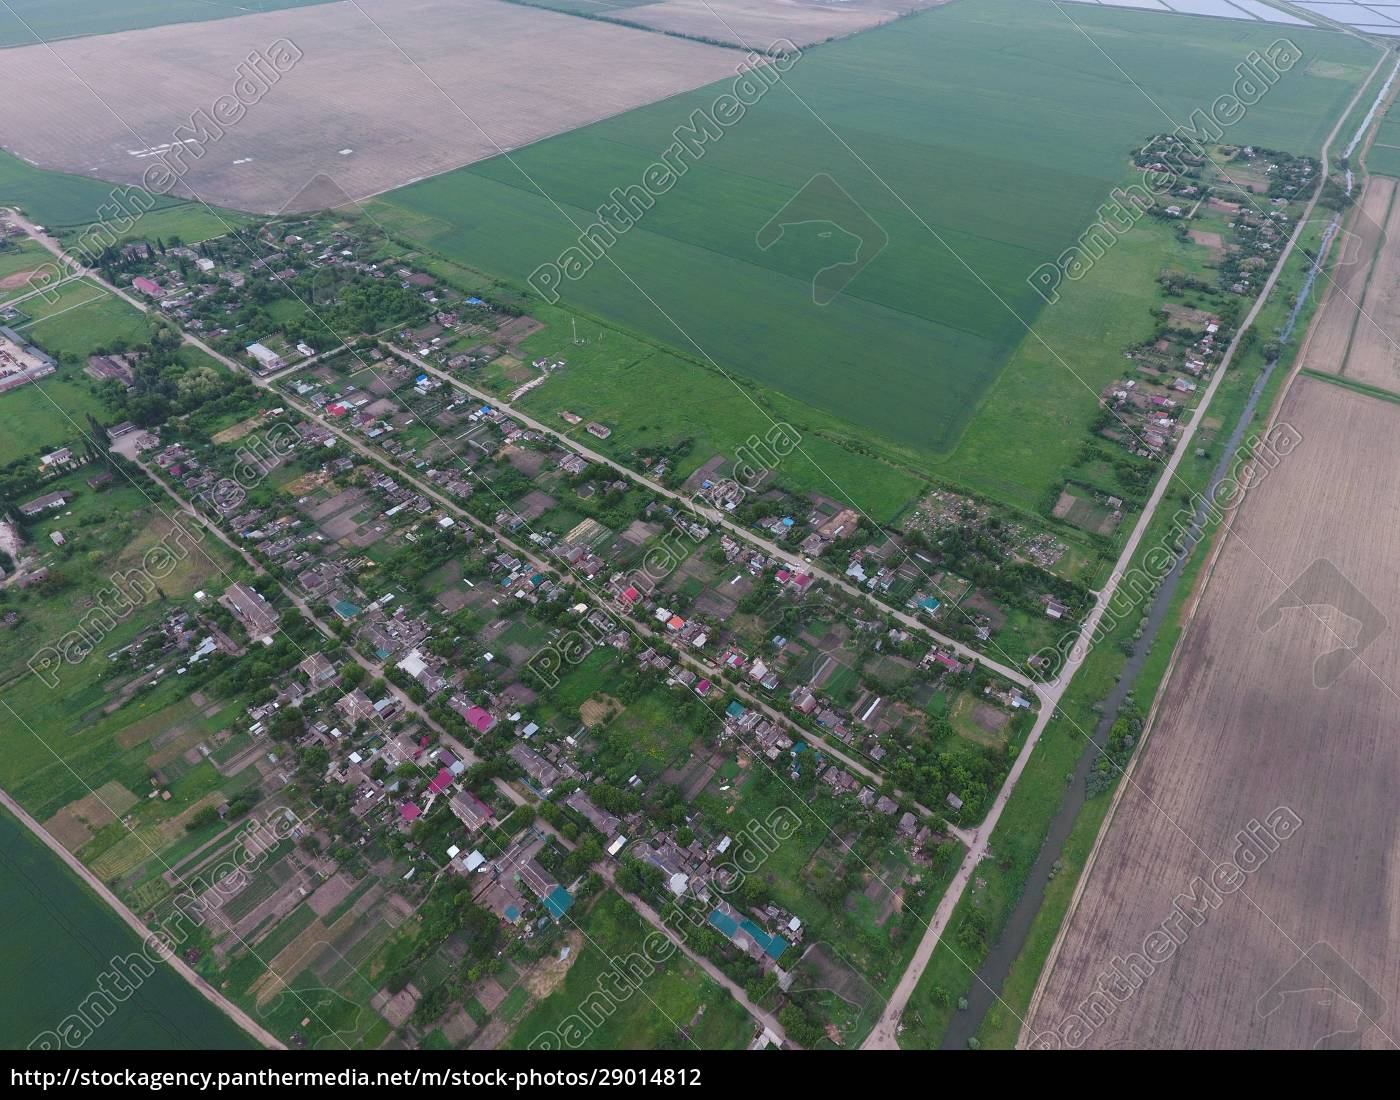 vista, dall'alto, del, villaggio, della, città - 29014812